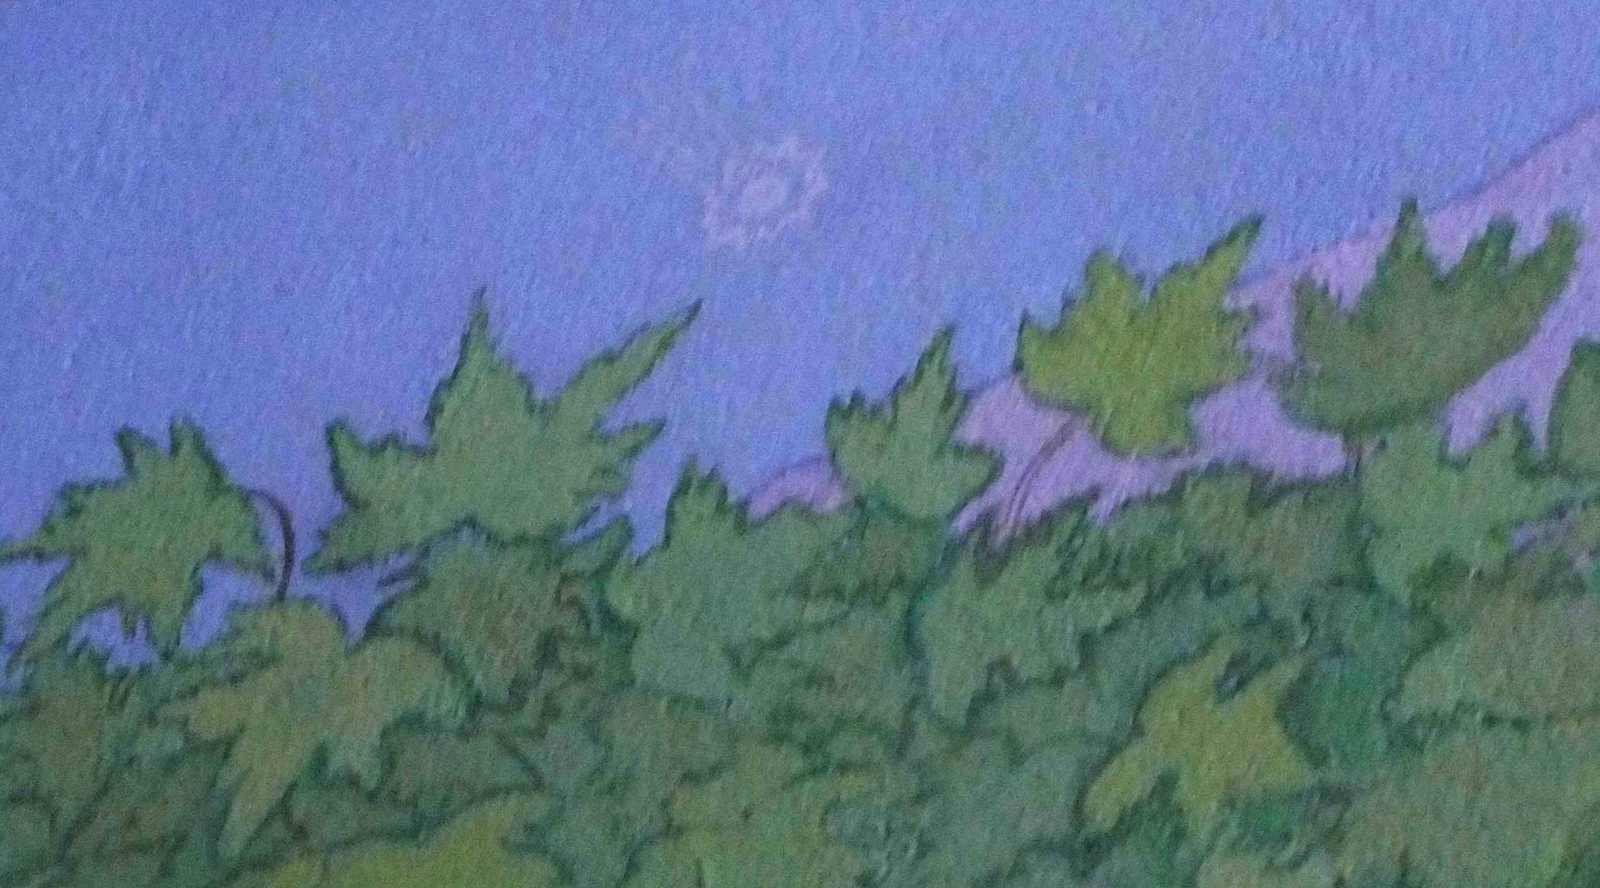 Détail de la fresque avec la comète de Halley - photo M.C